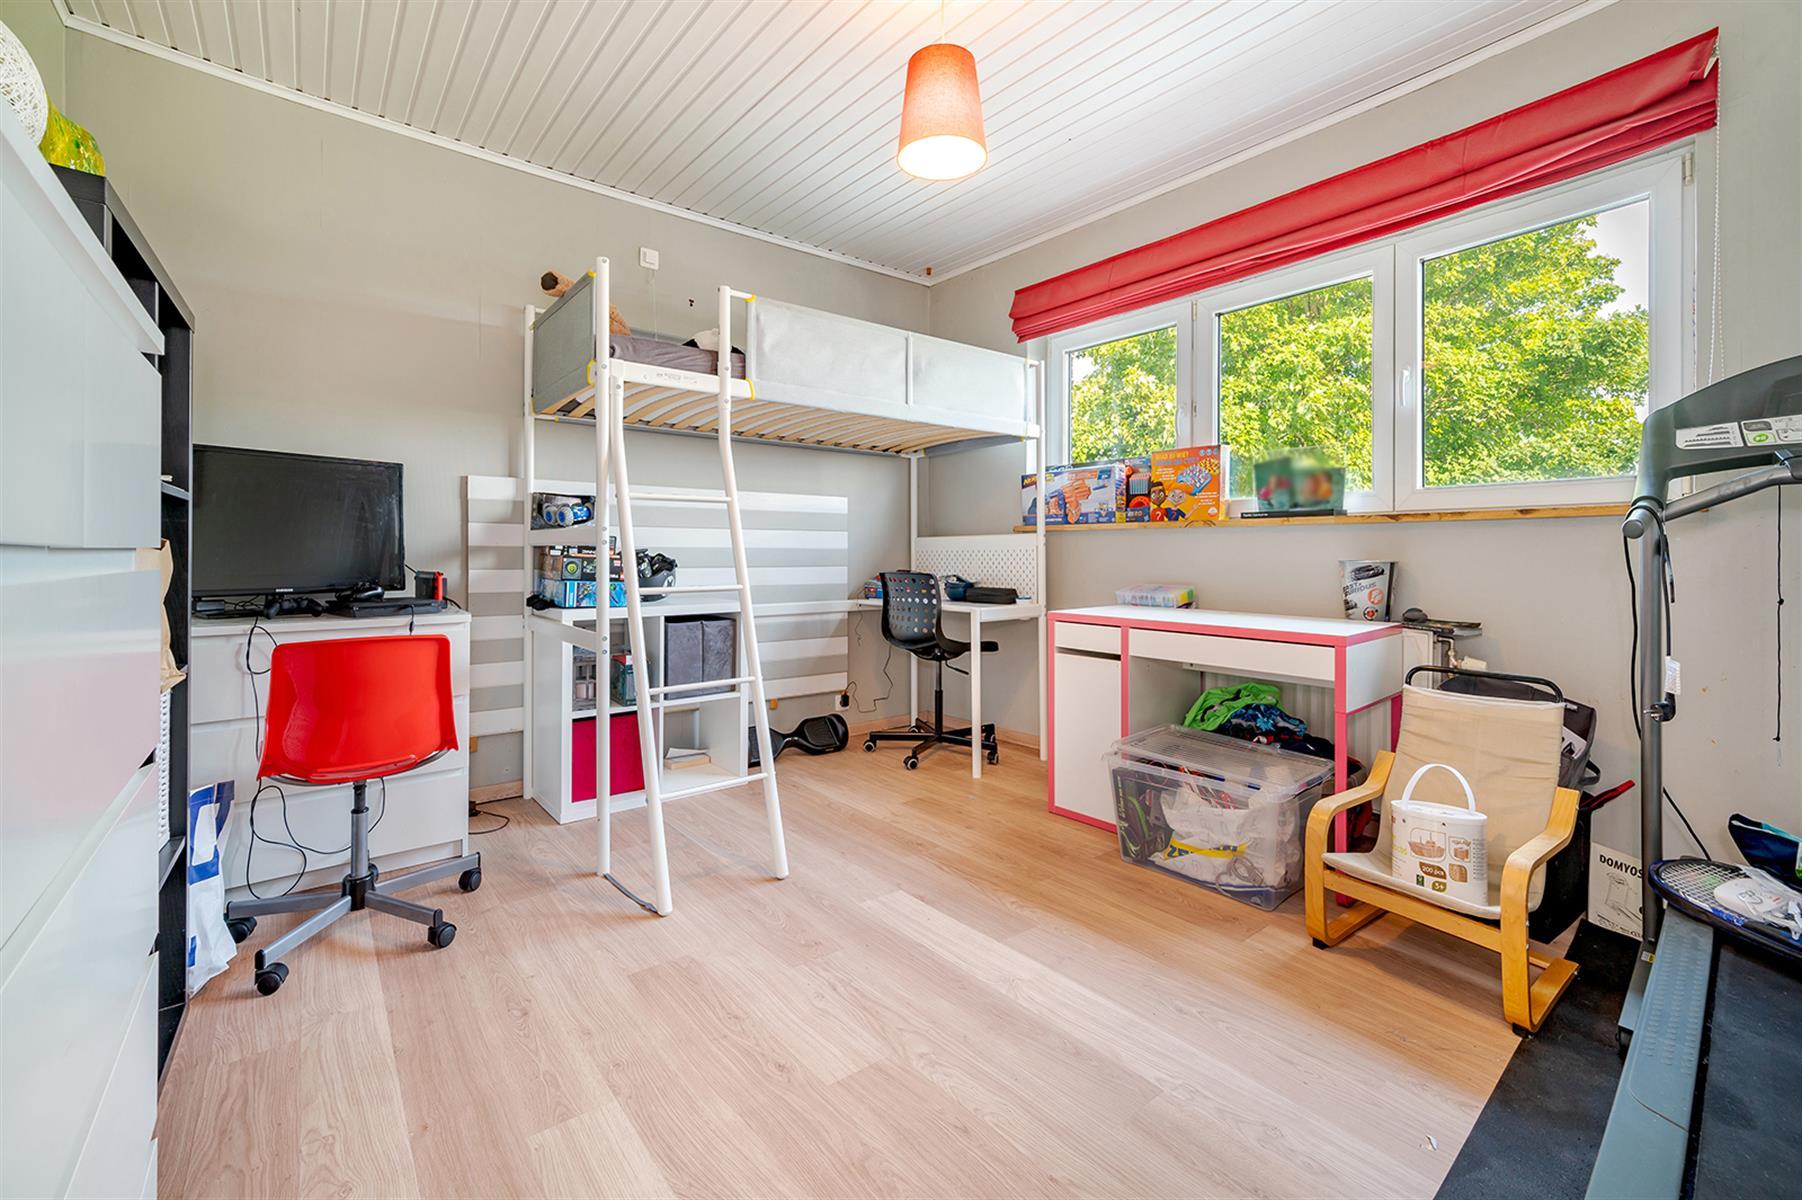 Maison unifamiliale - Villersle-Bouillet - #4412229-7